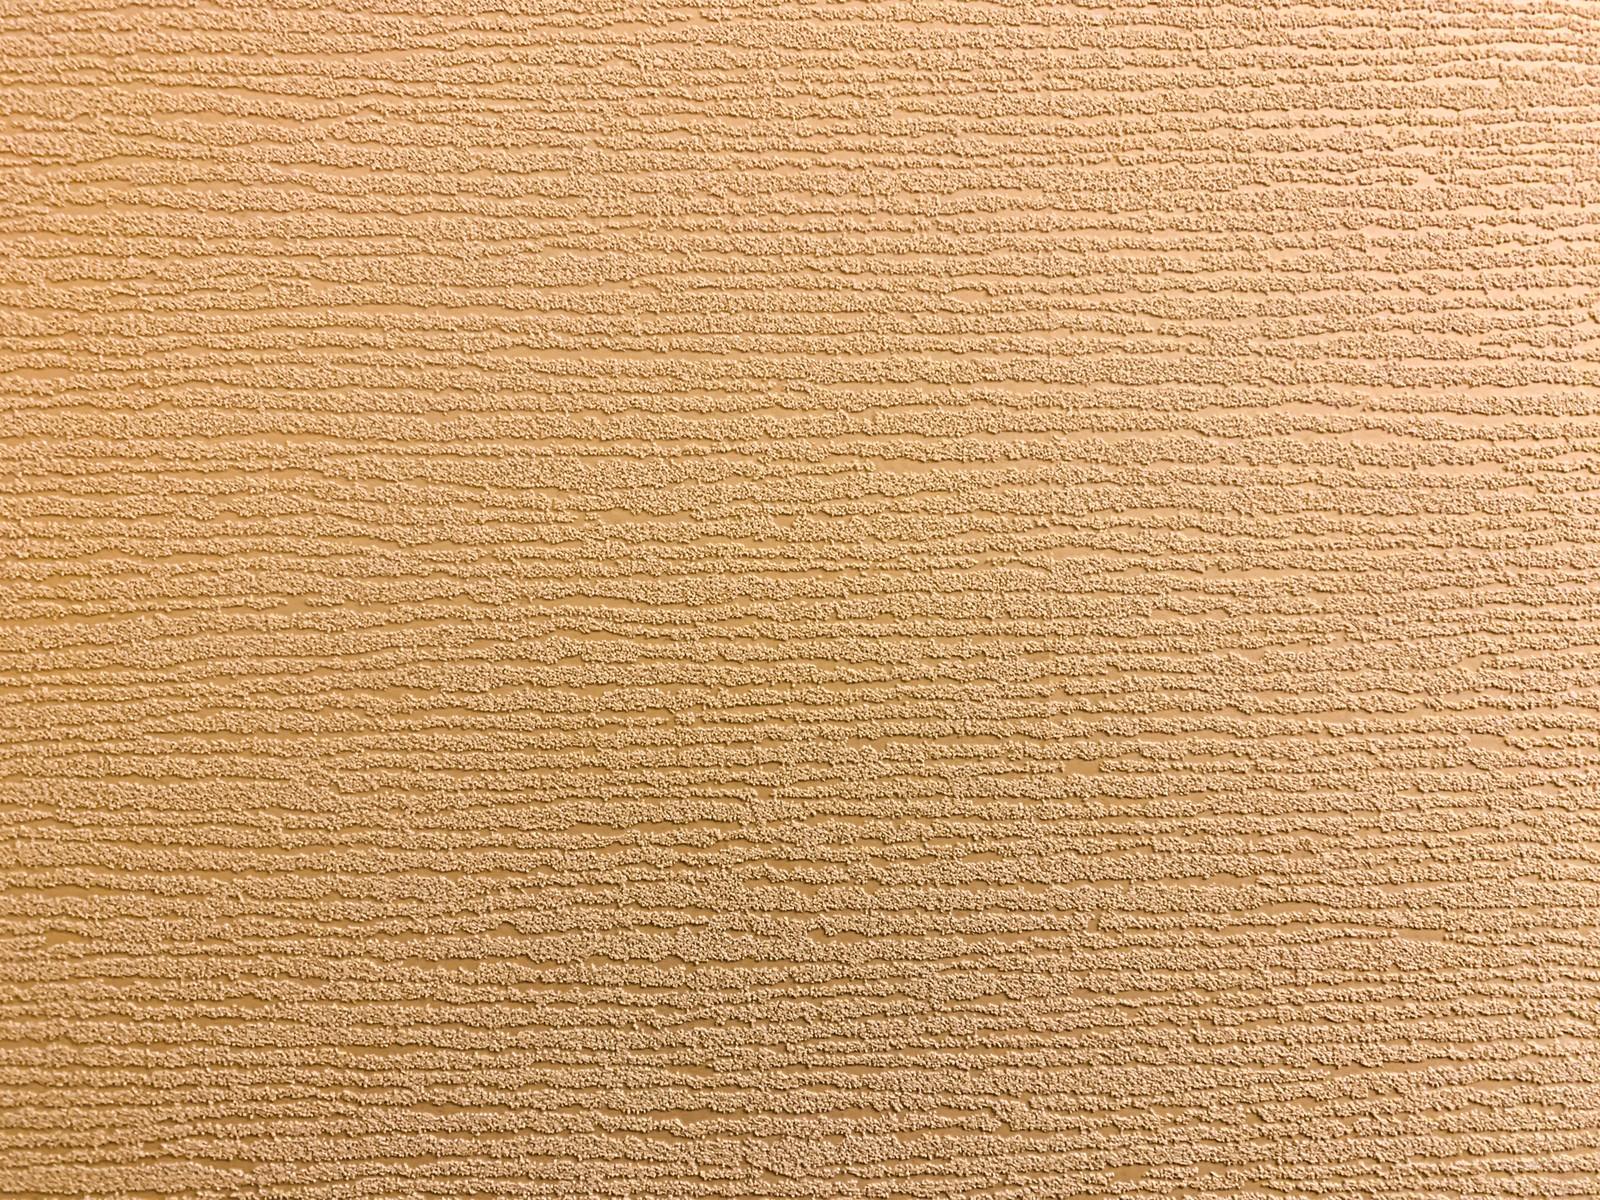 「ザラザラ滑り止めの床(テクスチャ)」の写真